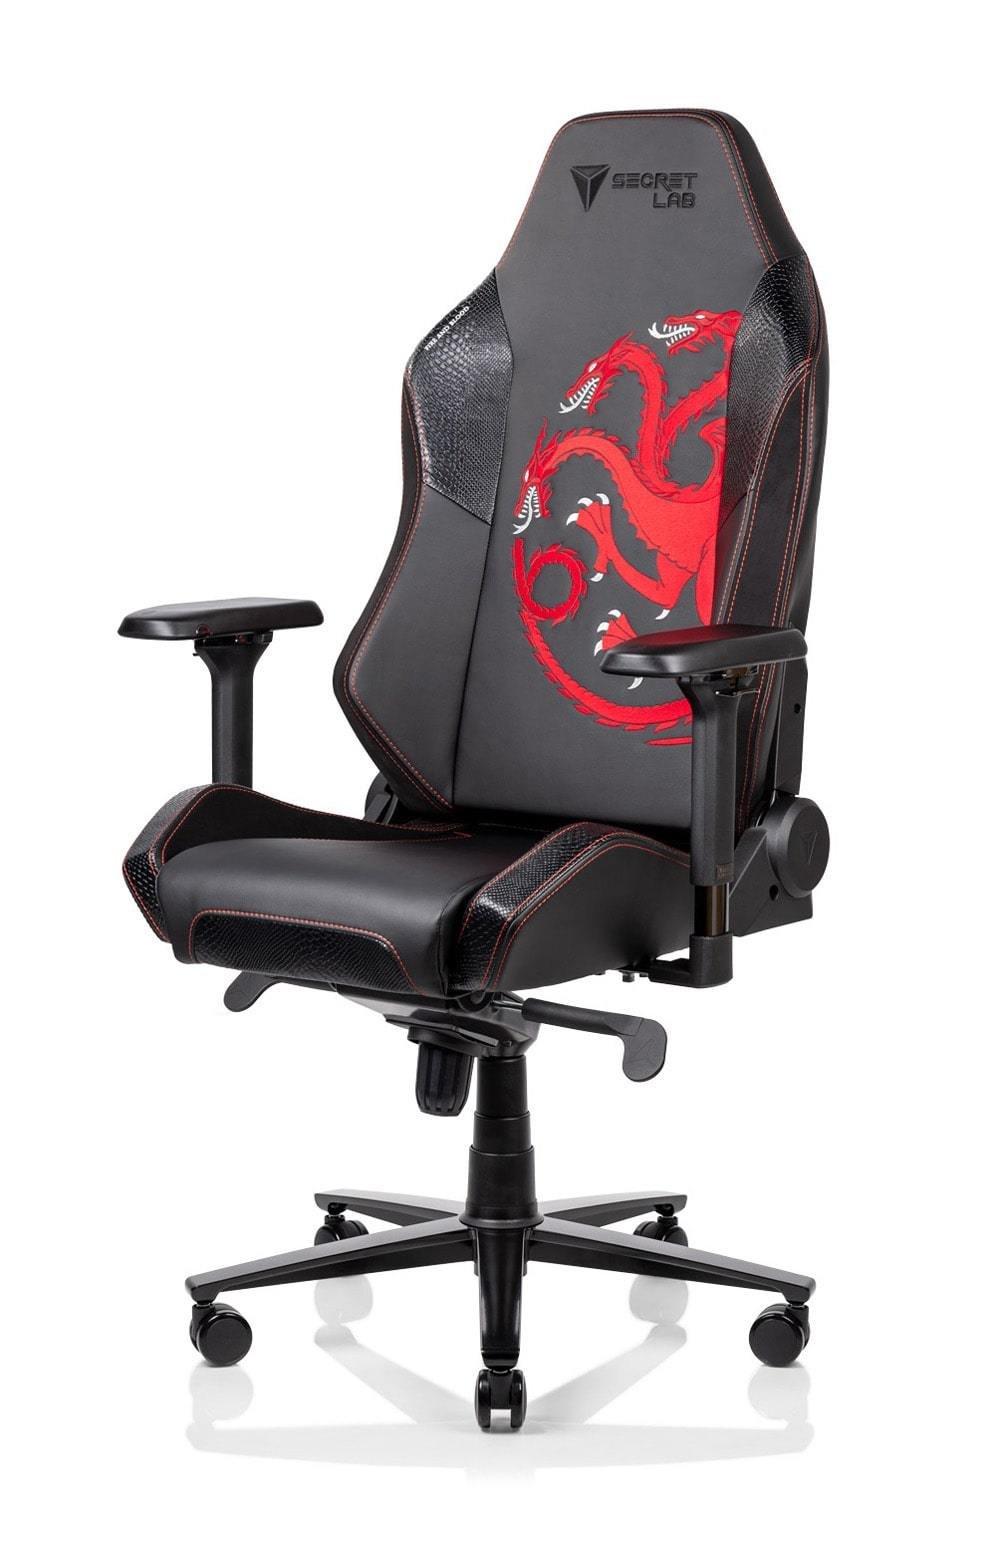 игровое кресло секрет лаб с драконами на спинке